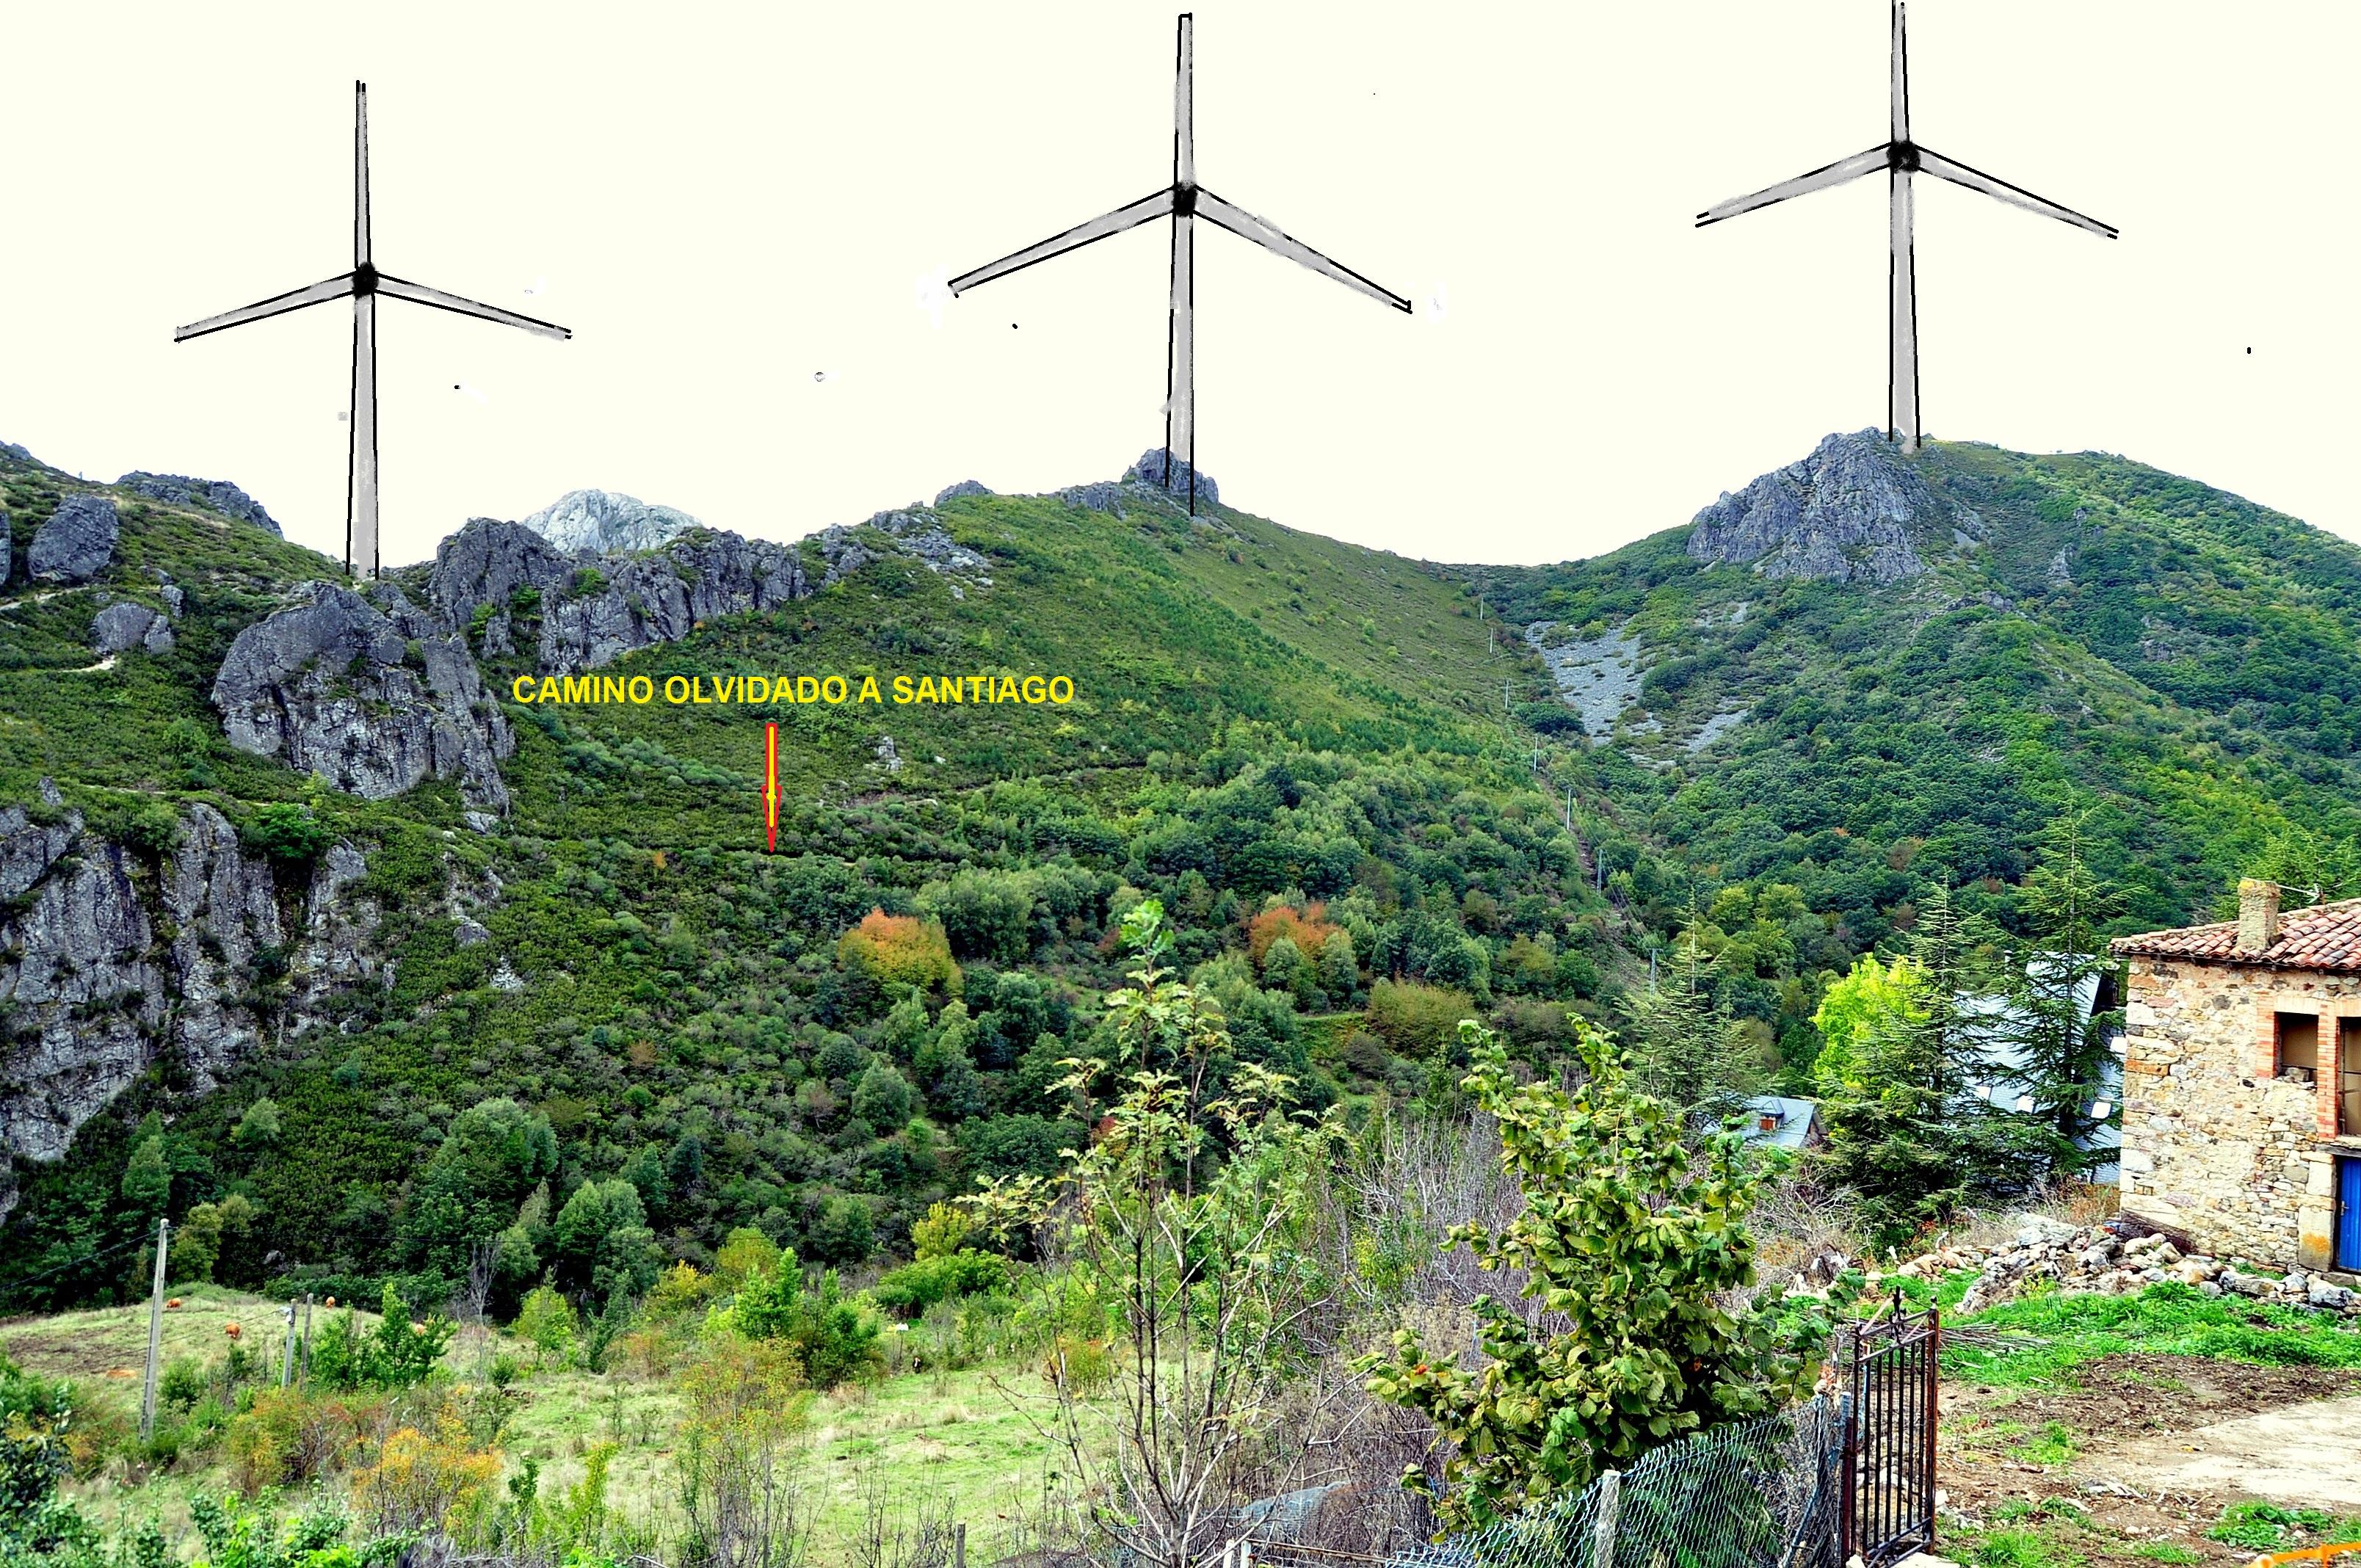 Desde Valdorria. Impacto de aerogeneradores sobre paisaje y Camino Olvidado (Foto David Gustavo López).